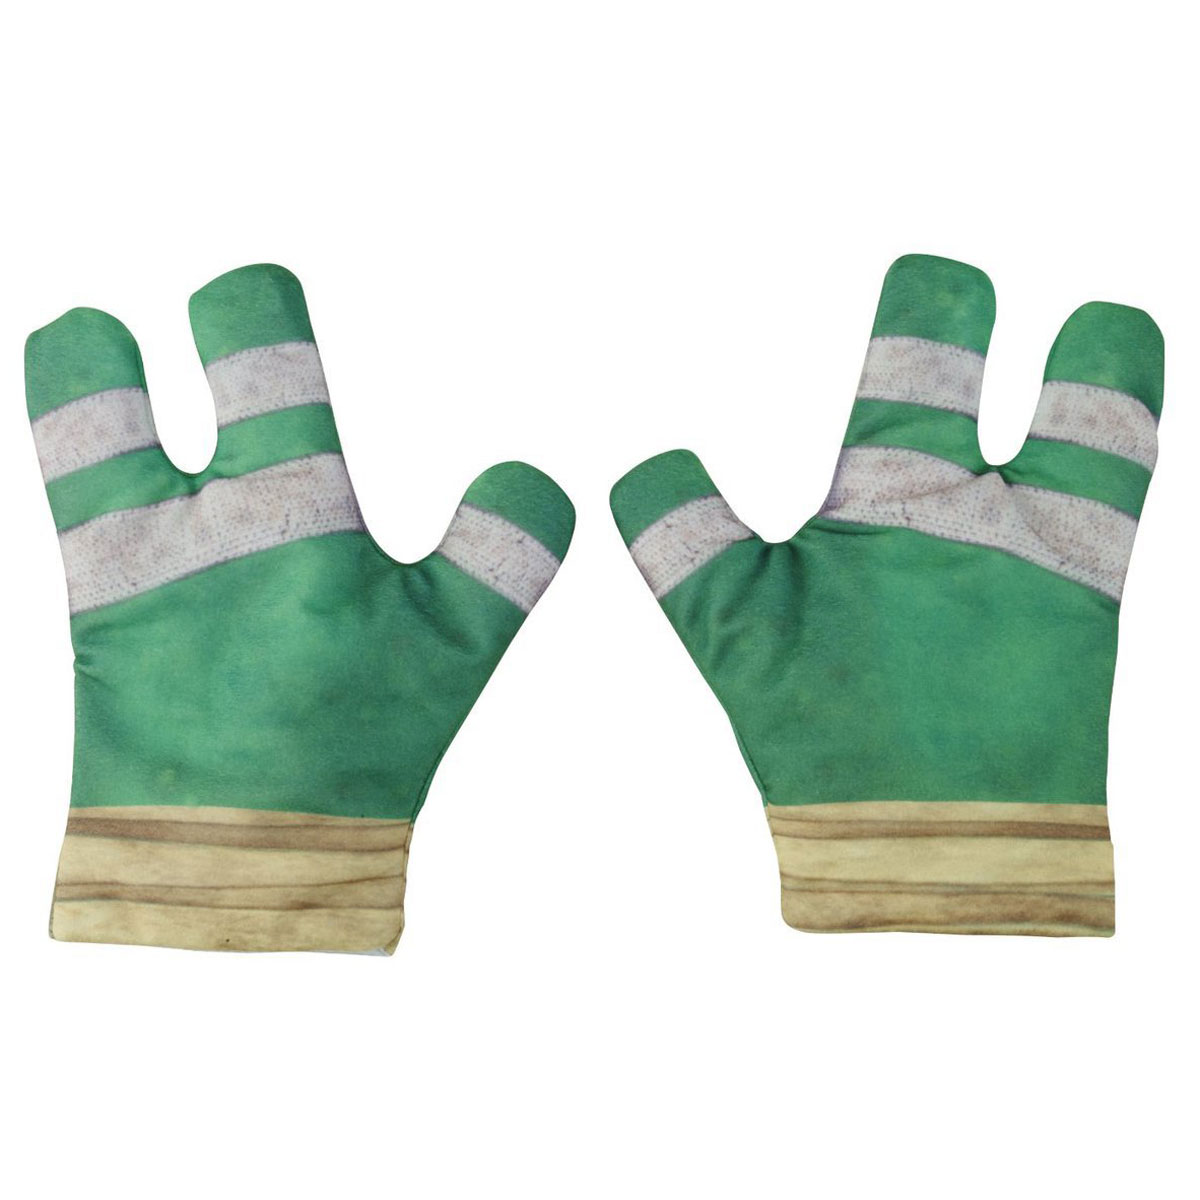 Черепашки Ниндзя Интерактивные трехпальцевые перчатки Черепашек-ниндзя Боевые перчатки ниндзя